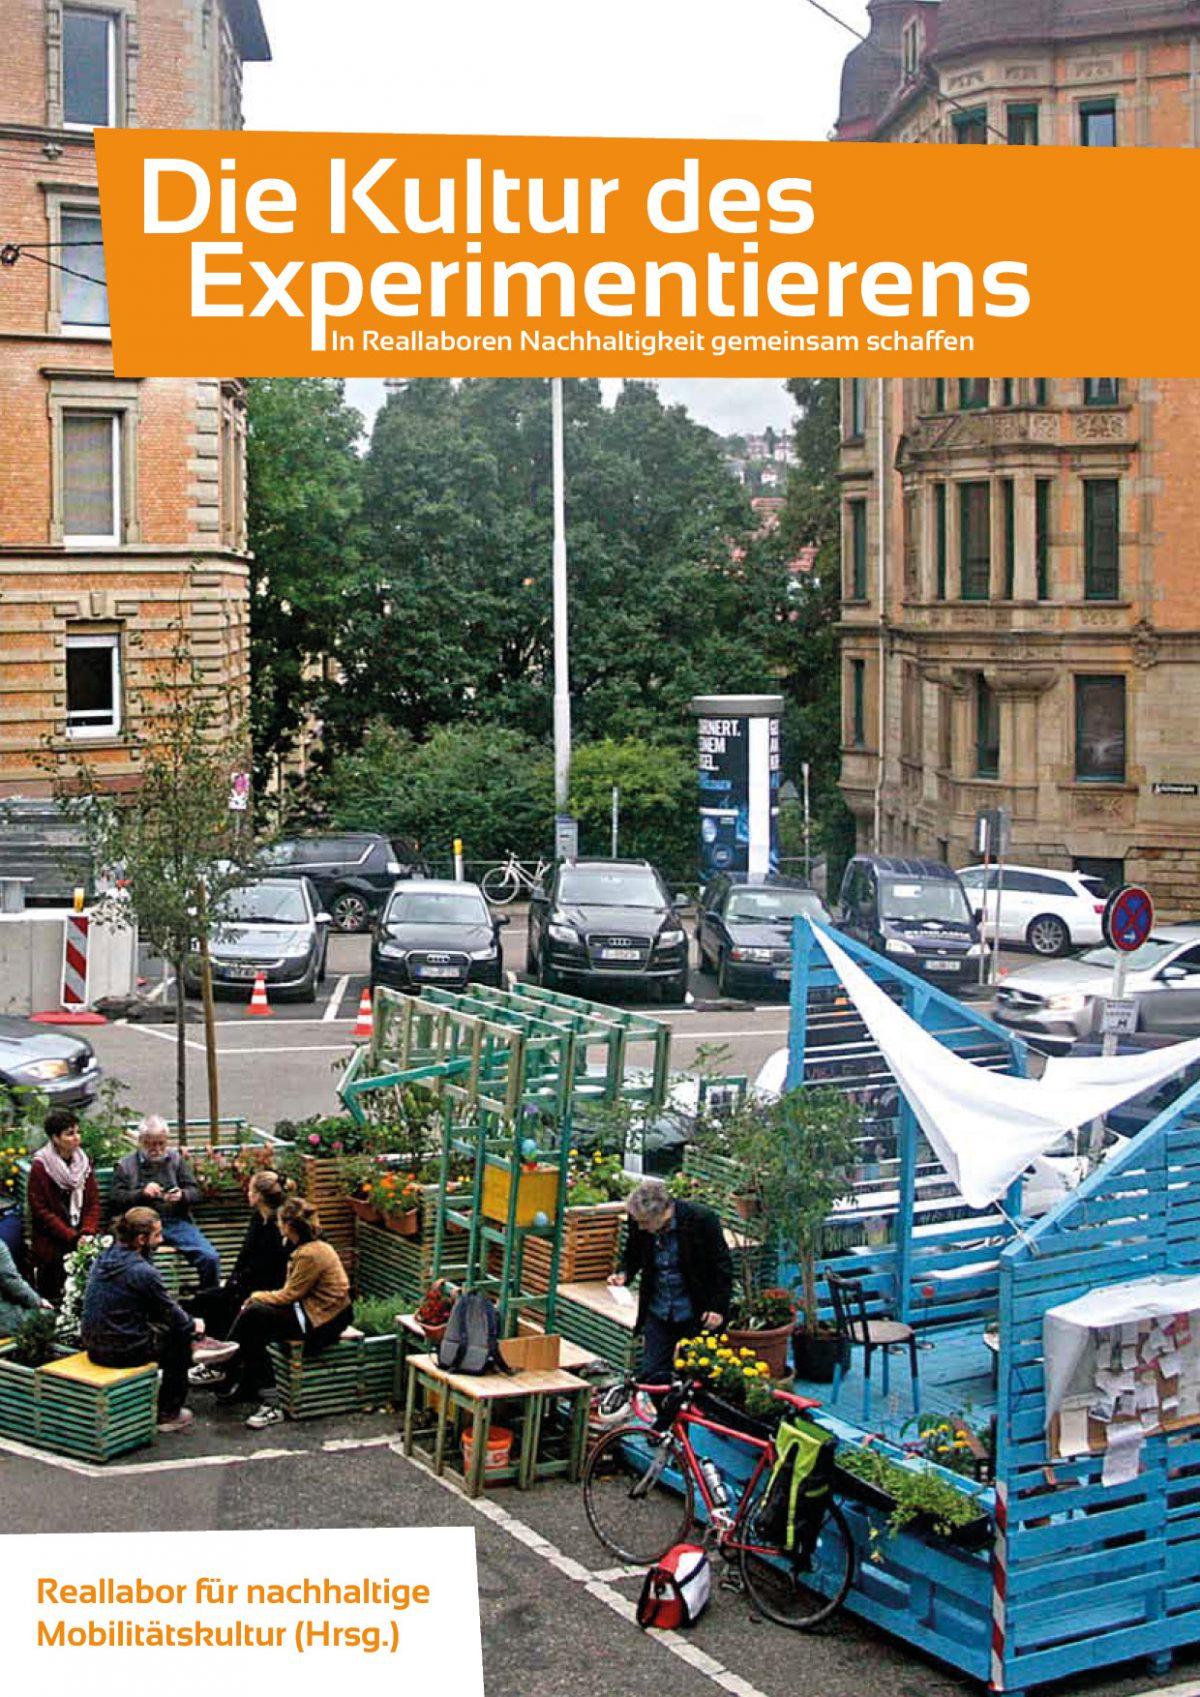 Reallabor für nachhaltige Mobilitätskultur - Forschen mit Realexperimenten